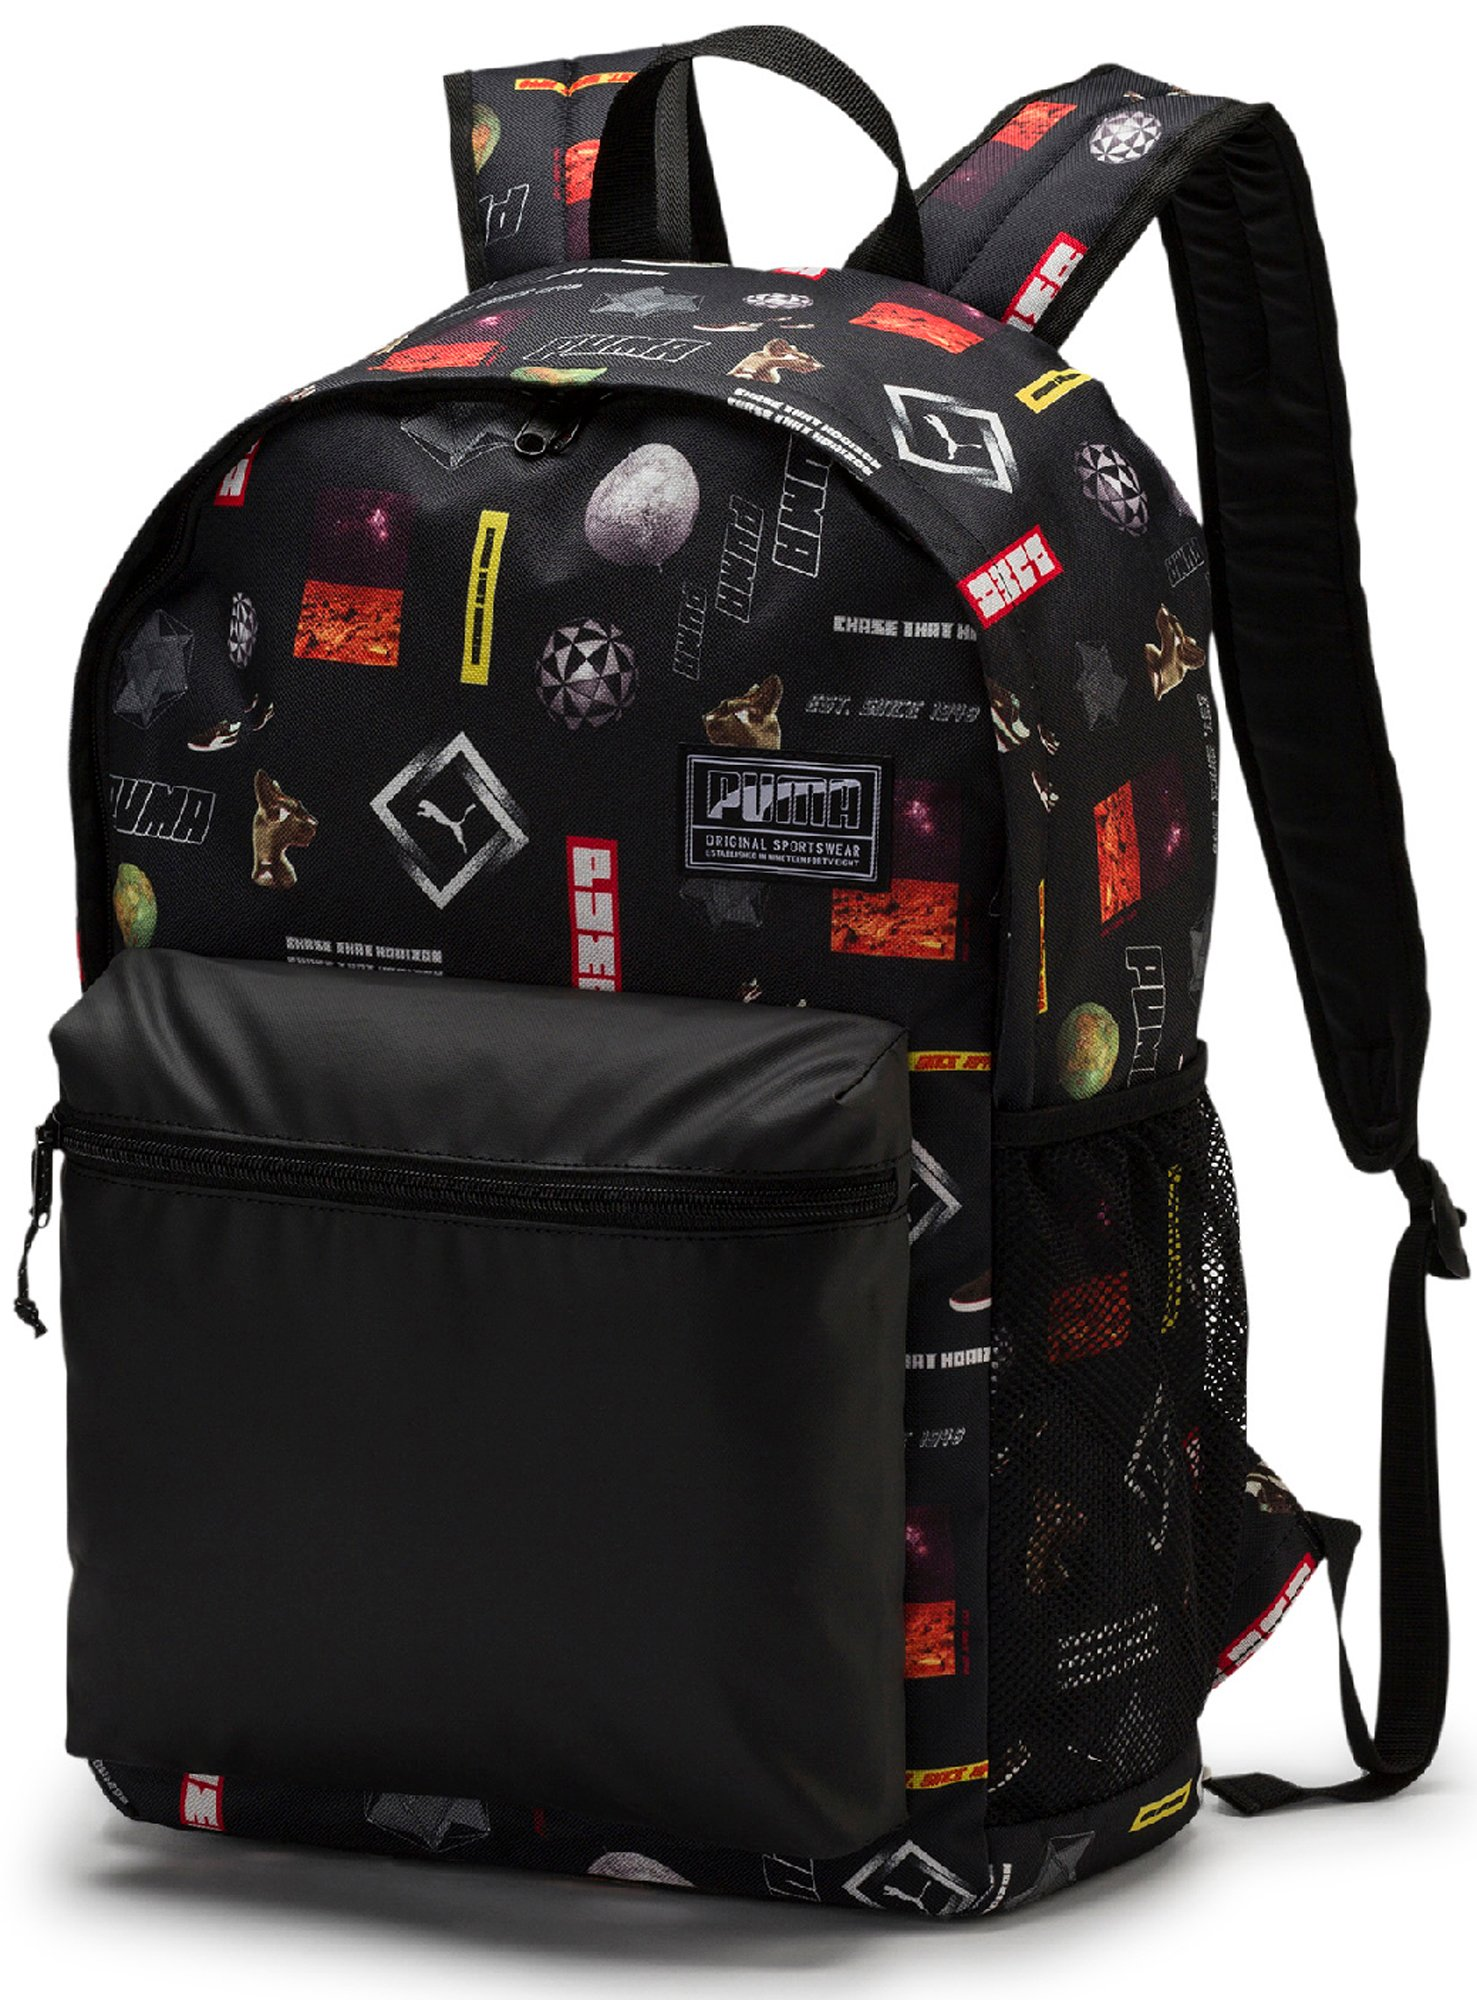 d413bb8b78d4 Рюкзак Puma Academy Универсальный и функциональный рюкзак Academy от PUMA  привлекает внимание ярким дизайном. ФУНКЦИОНАЛЬНОСТЬ Предусмотрено основное  ...